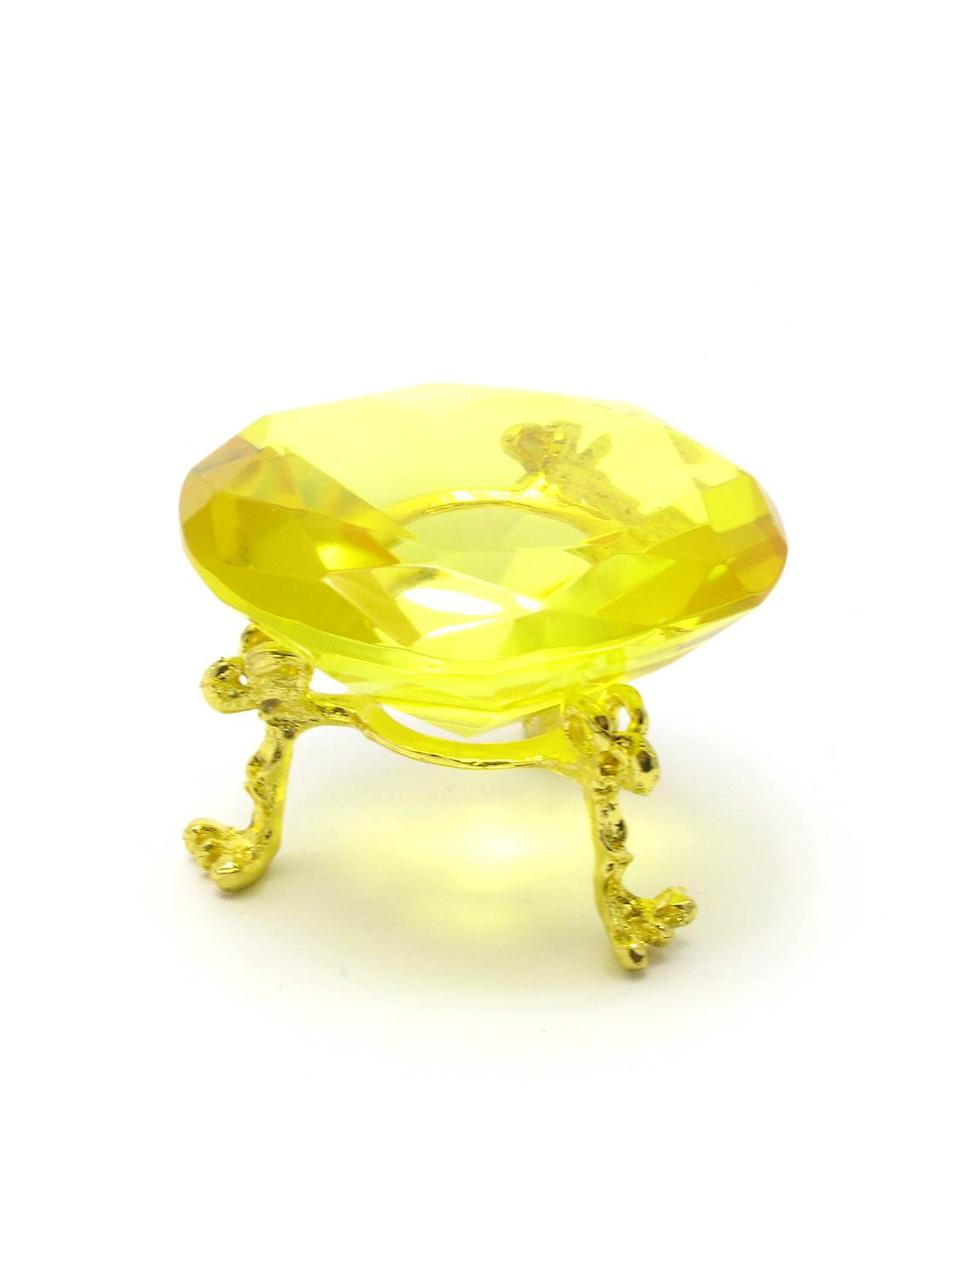 Кристалл хрустальный на подставке желтый (6 см)